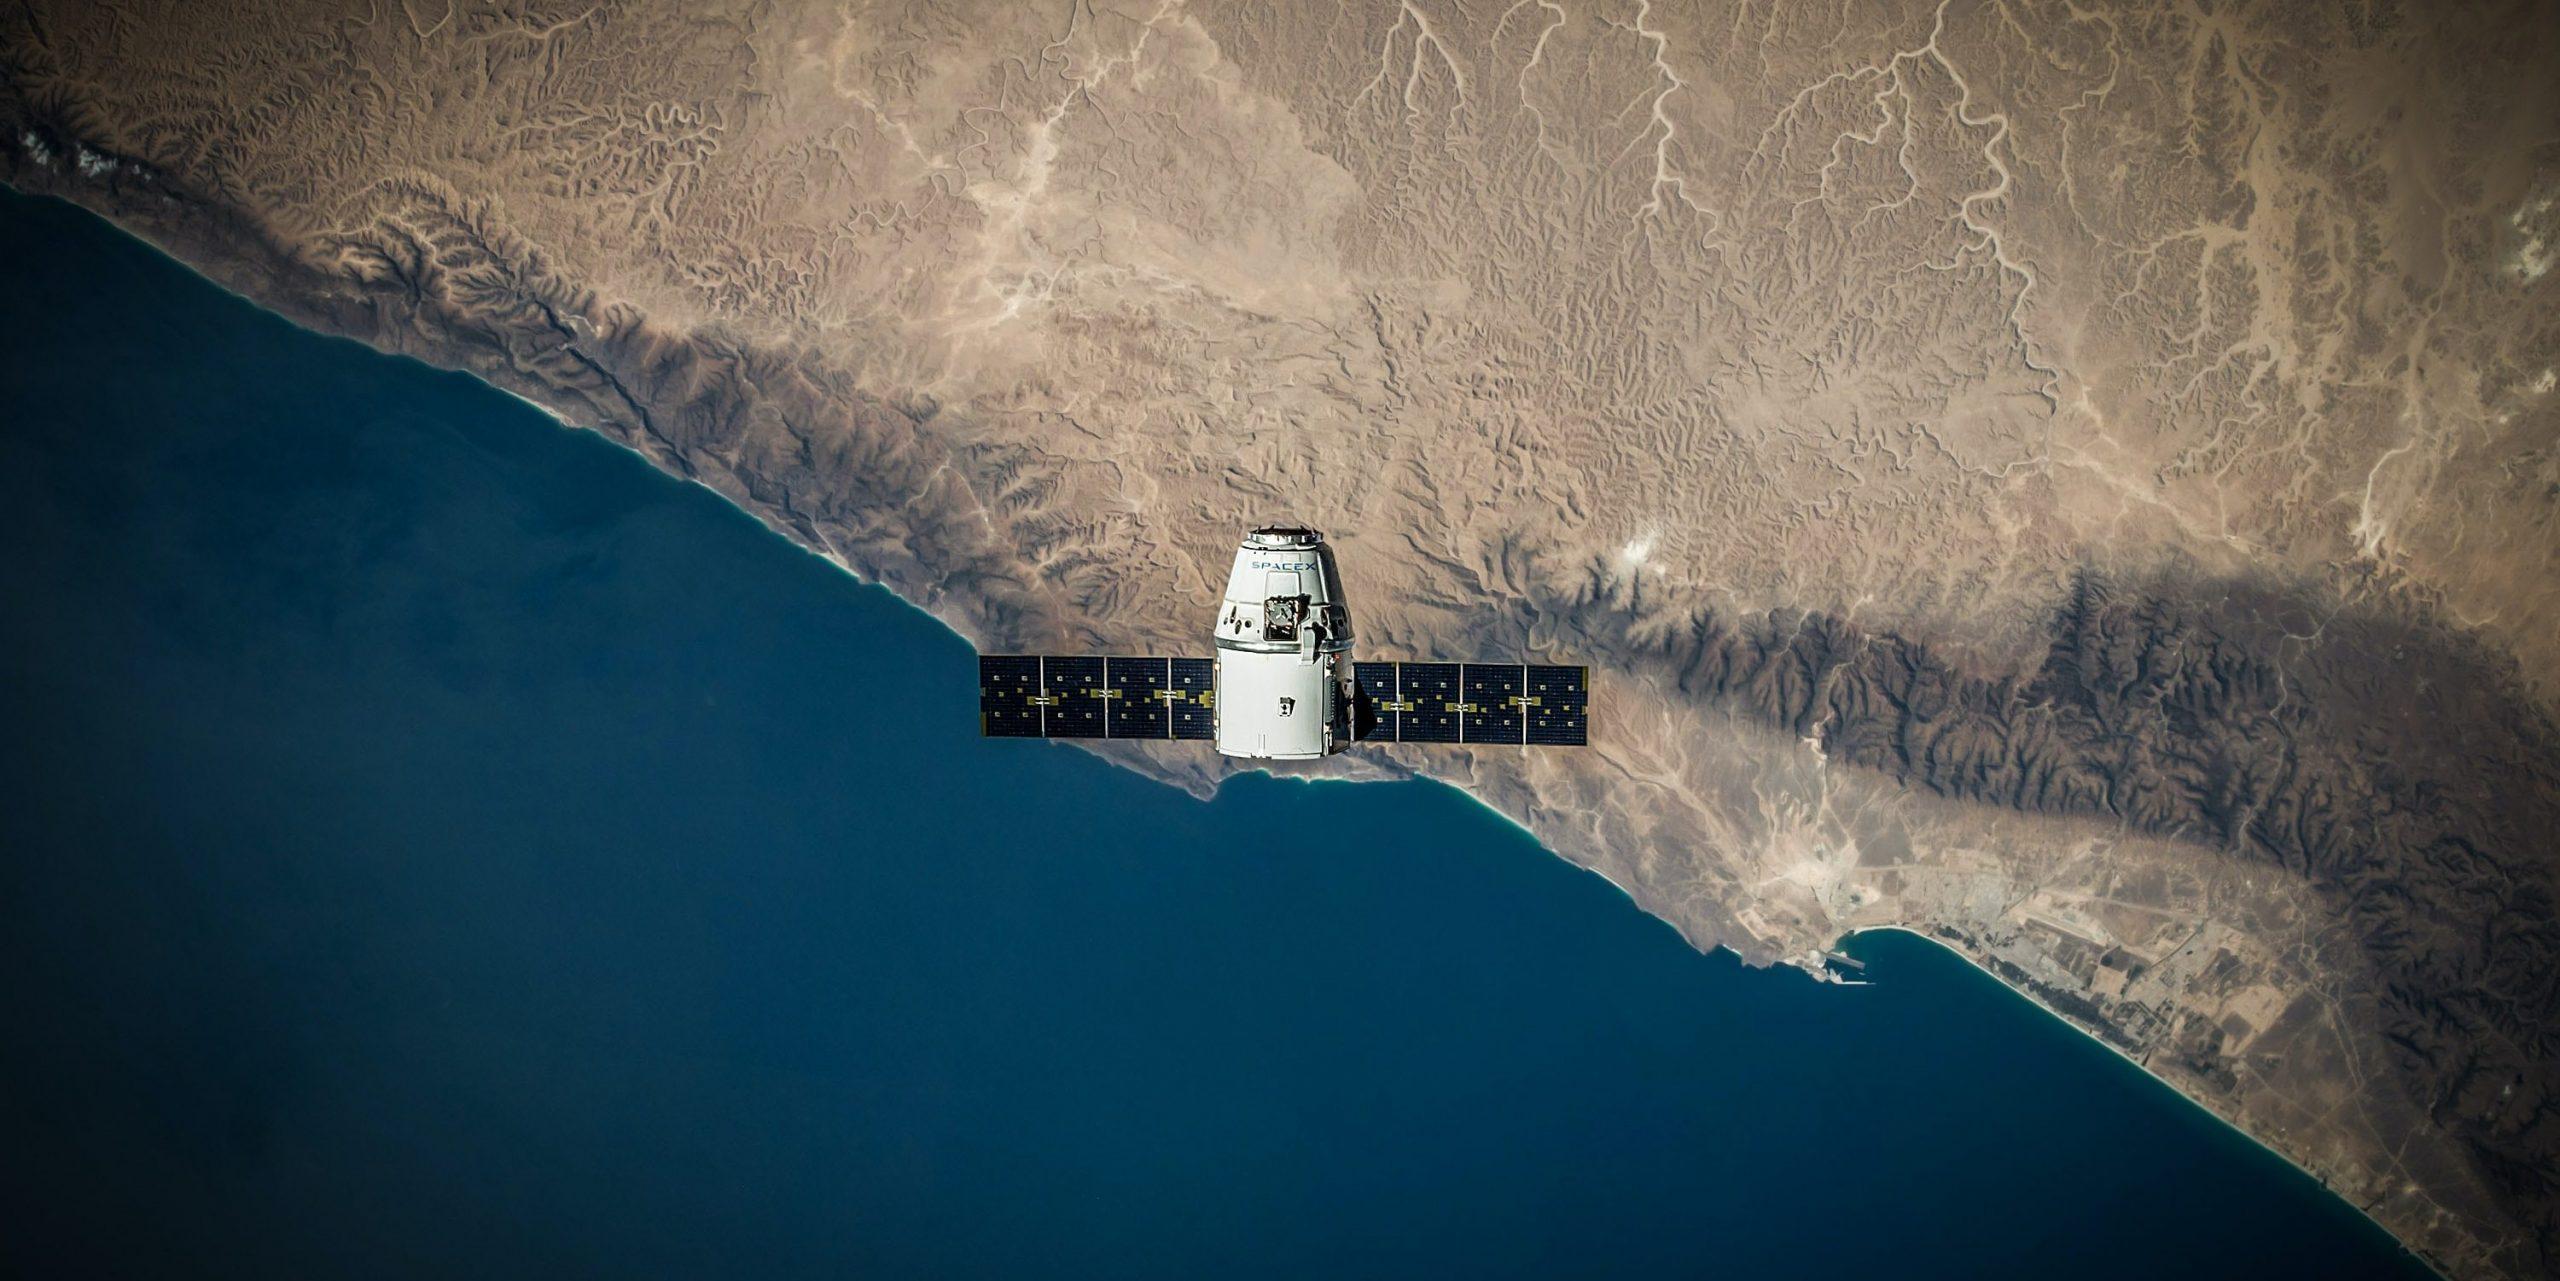 В марте 2021 года Россия запустит малые спутники для улучшения зондирования Земли